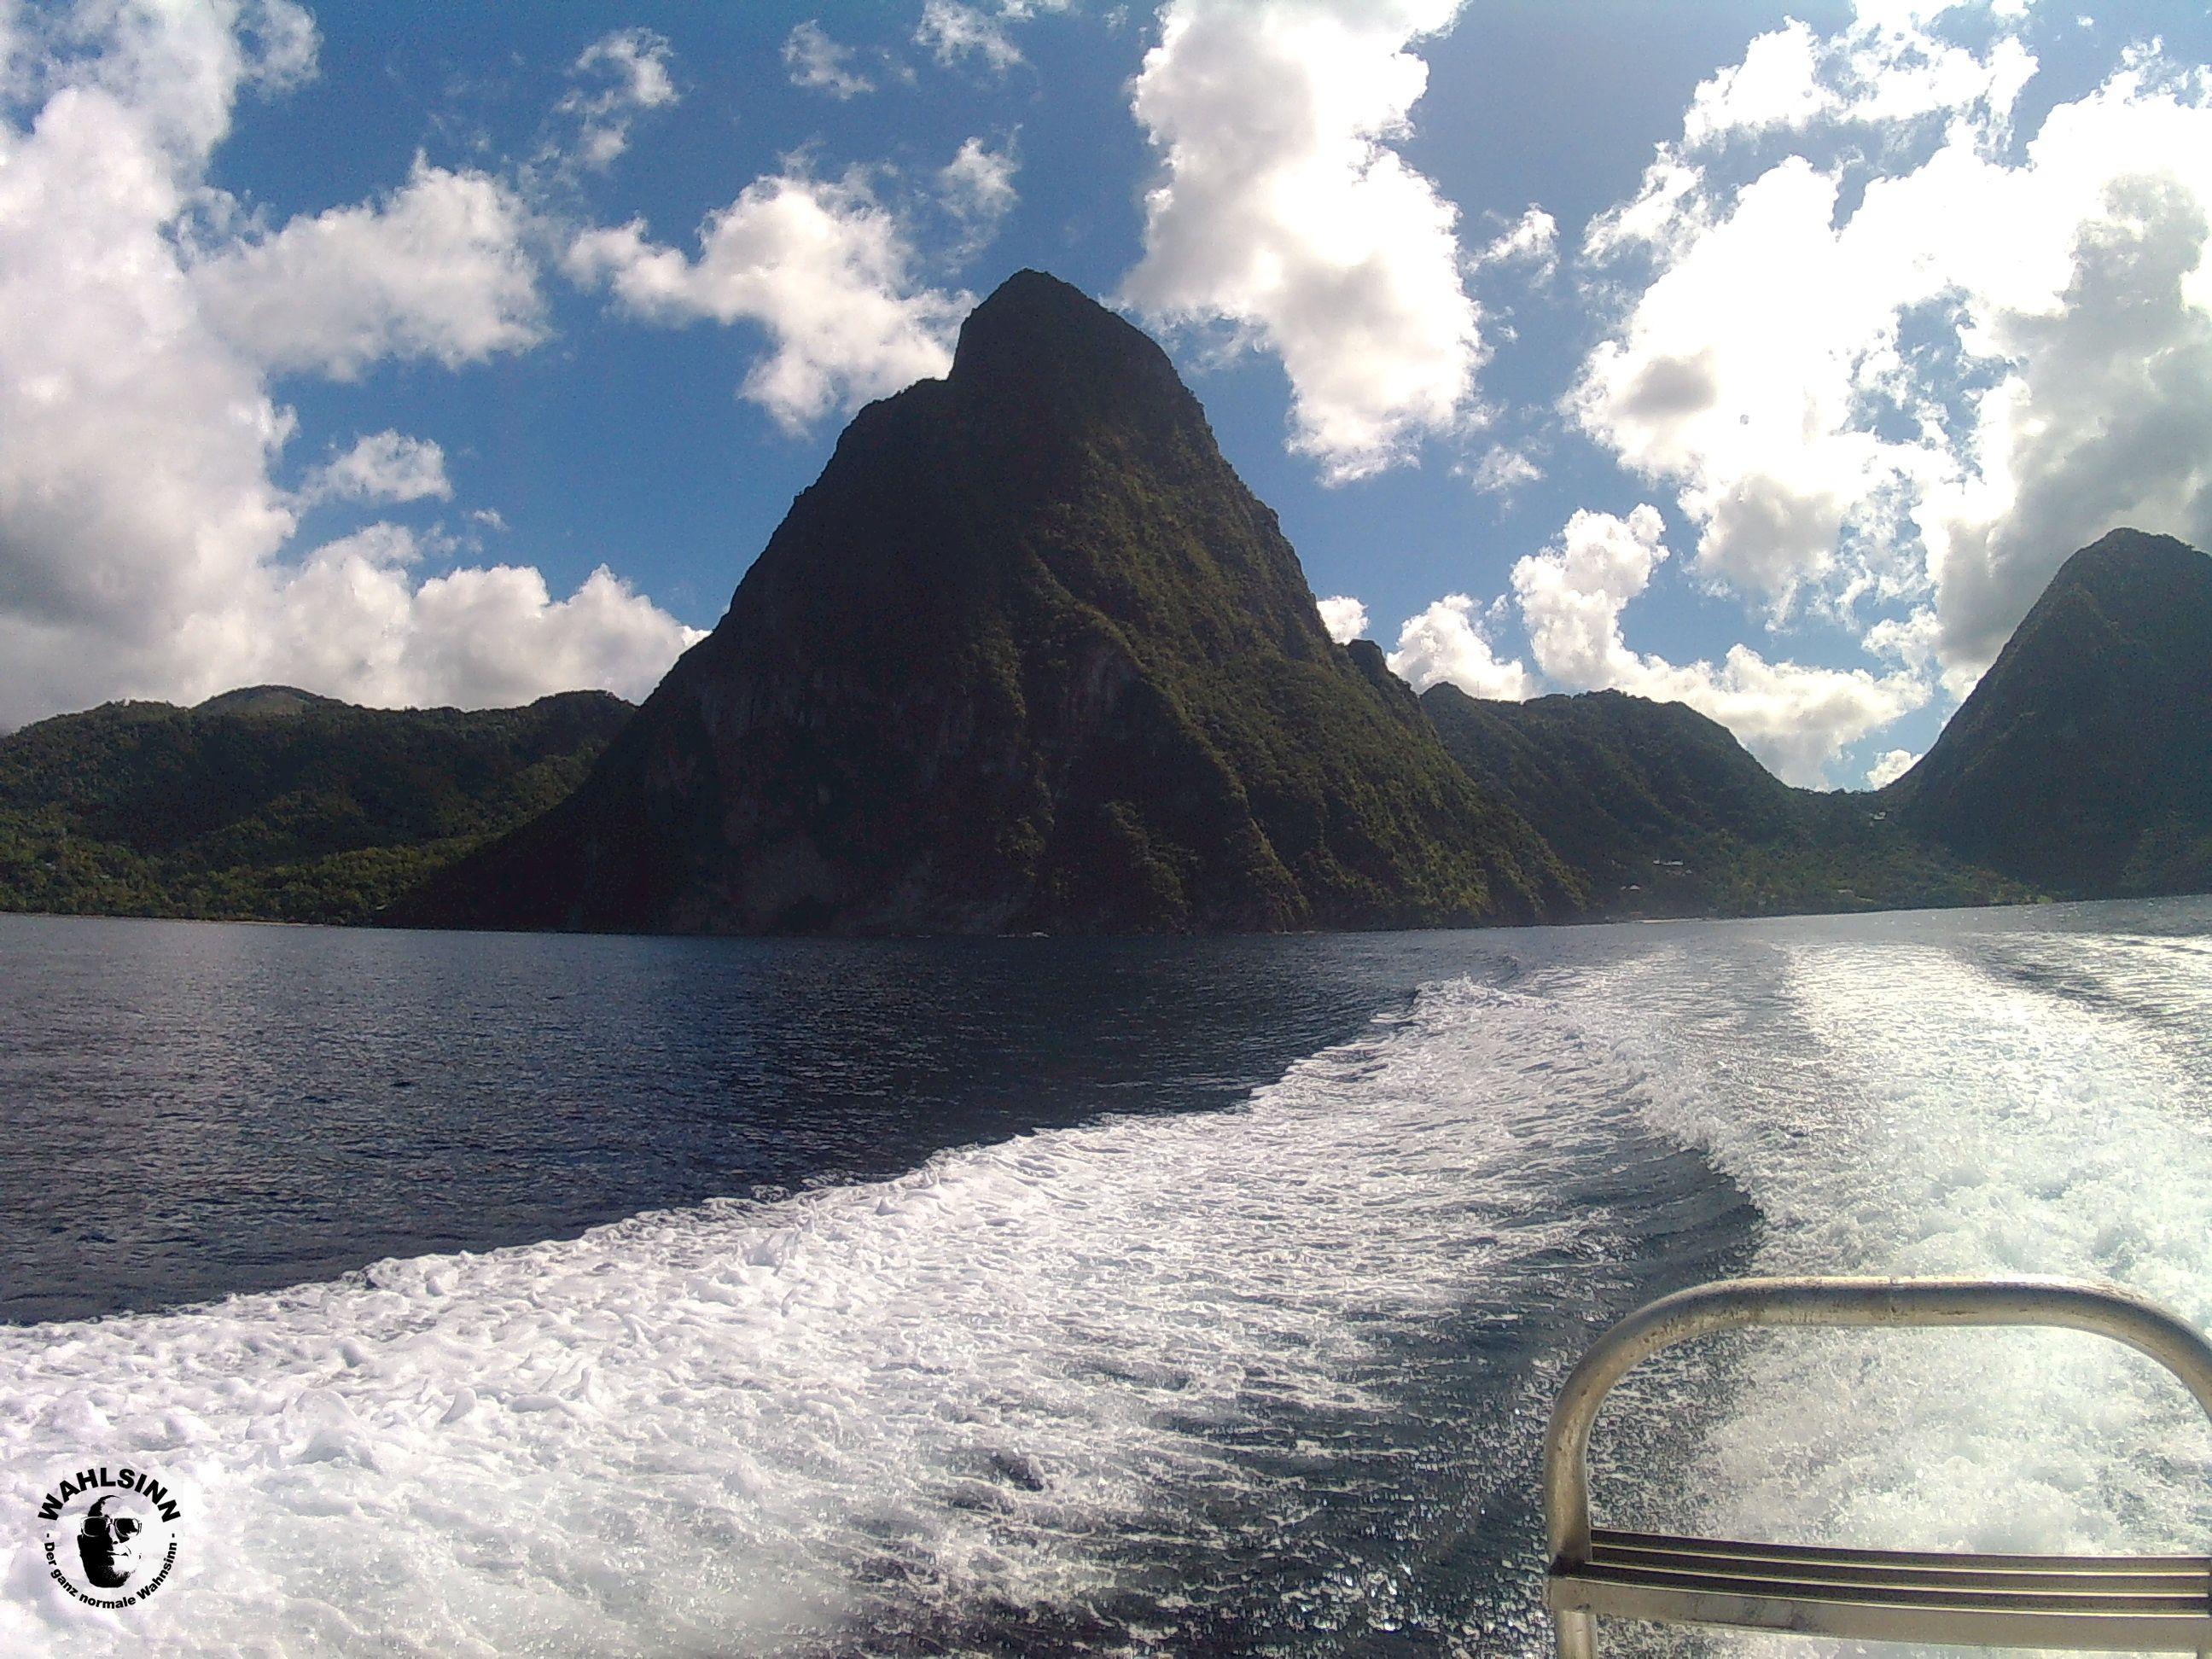 St. Lucia - Die zwei Kegel sind ein wahrzeichen von St. Lucia. Und direkt davor ein sehr schöner Tauchplatz